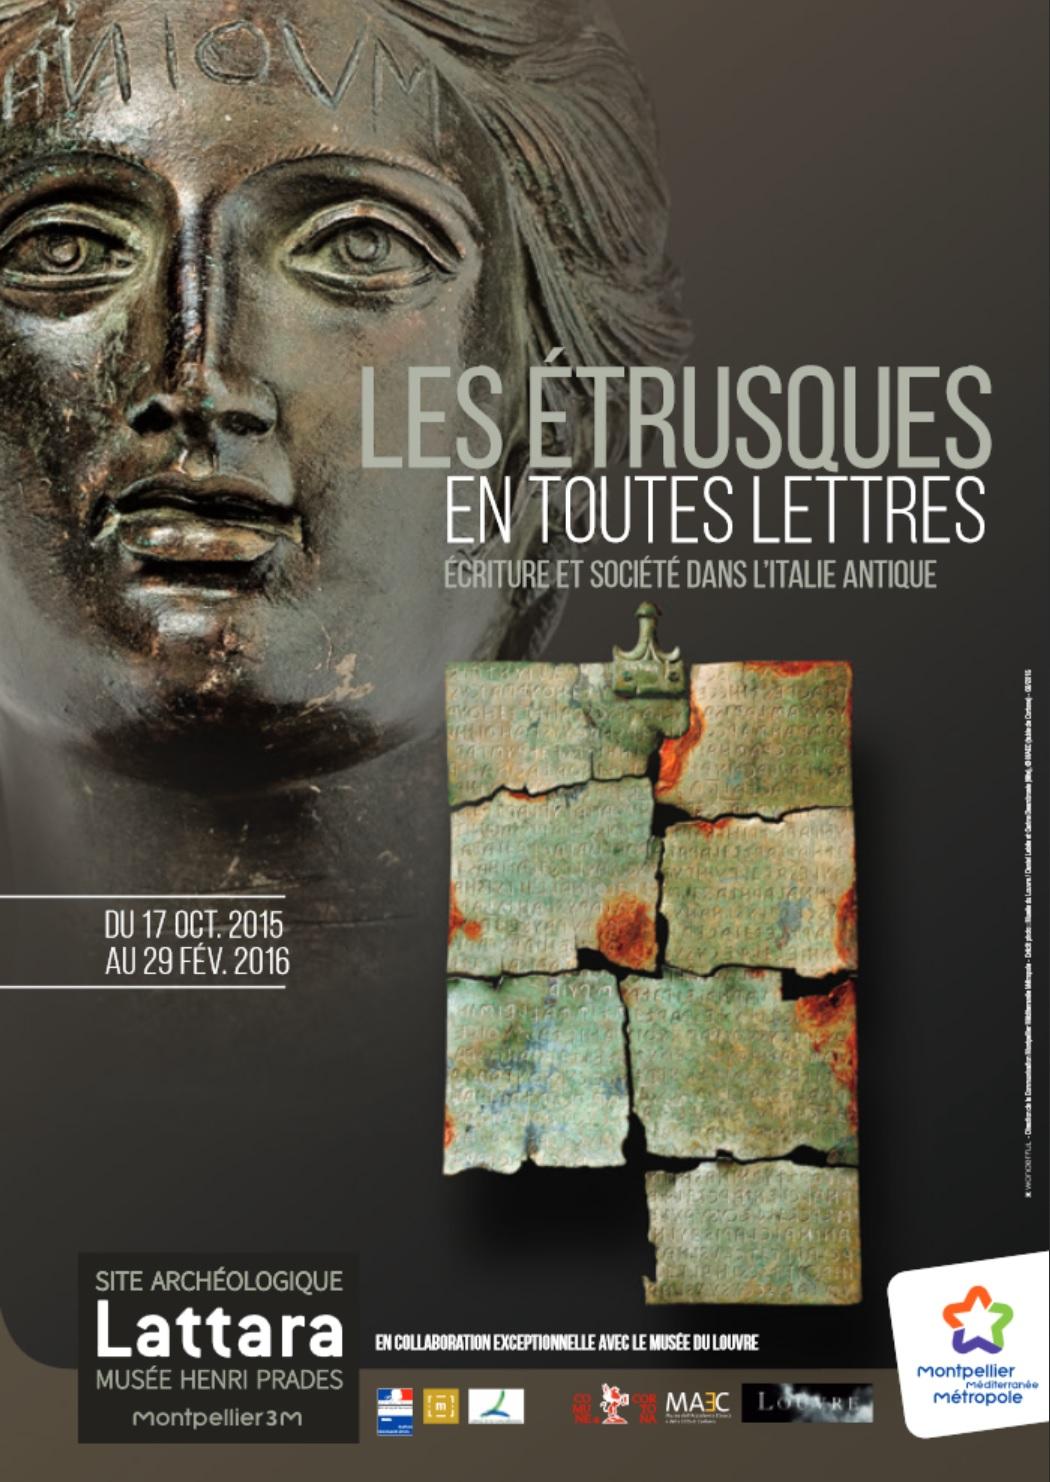 Les Etrusques En Toutes Lettres Ecriture Et Societe Dans L Italie